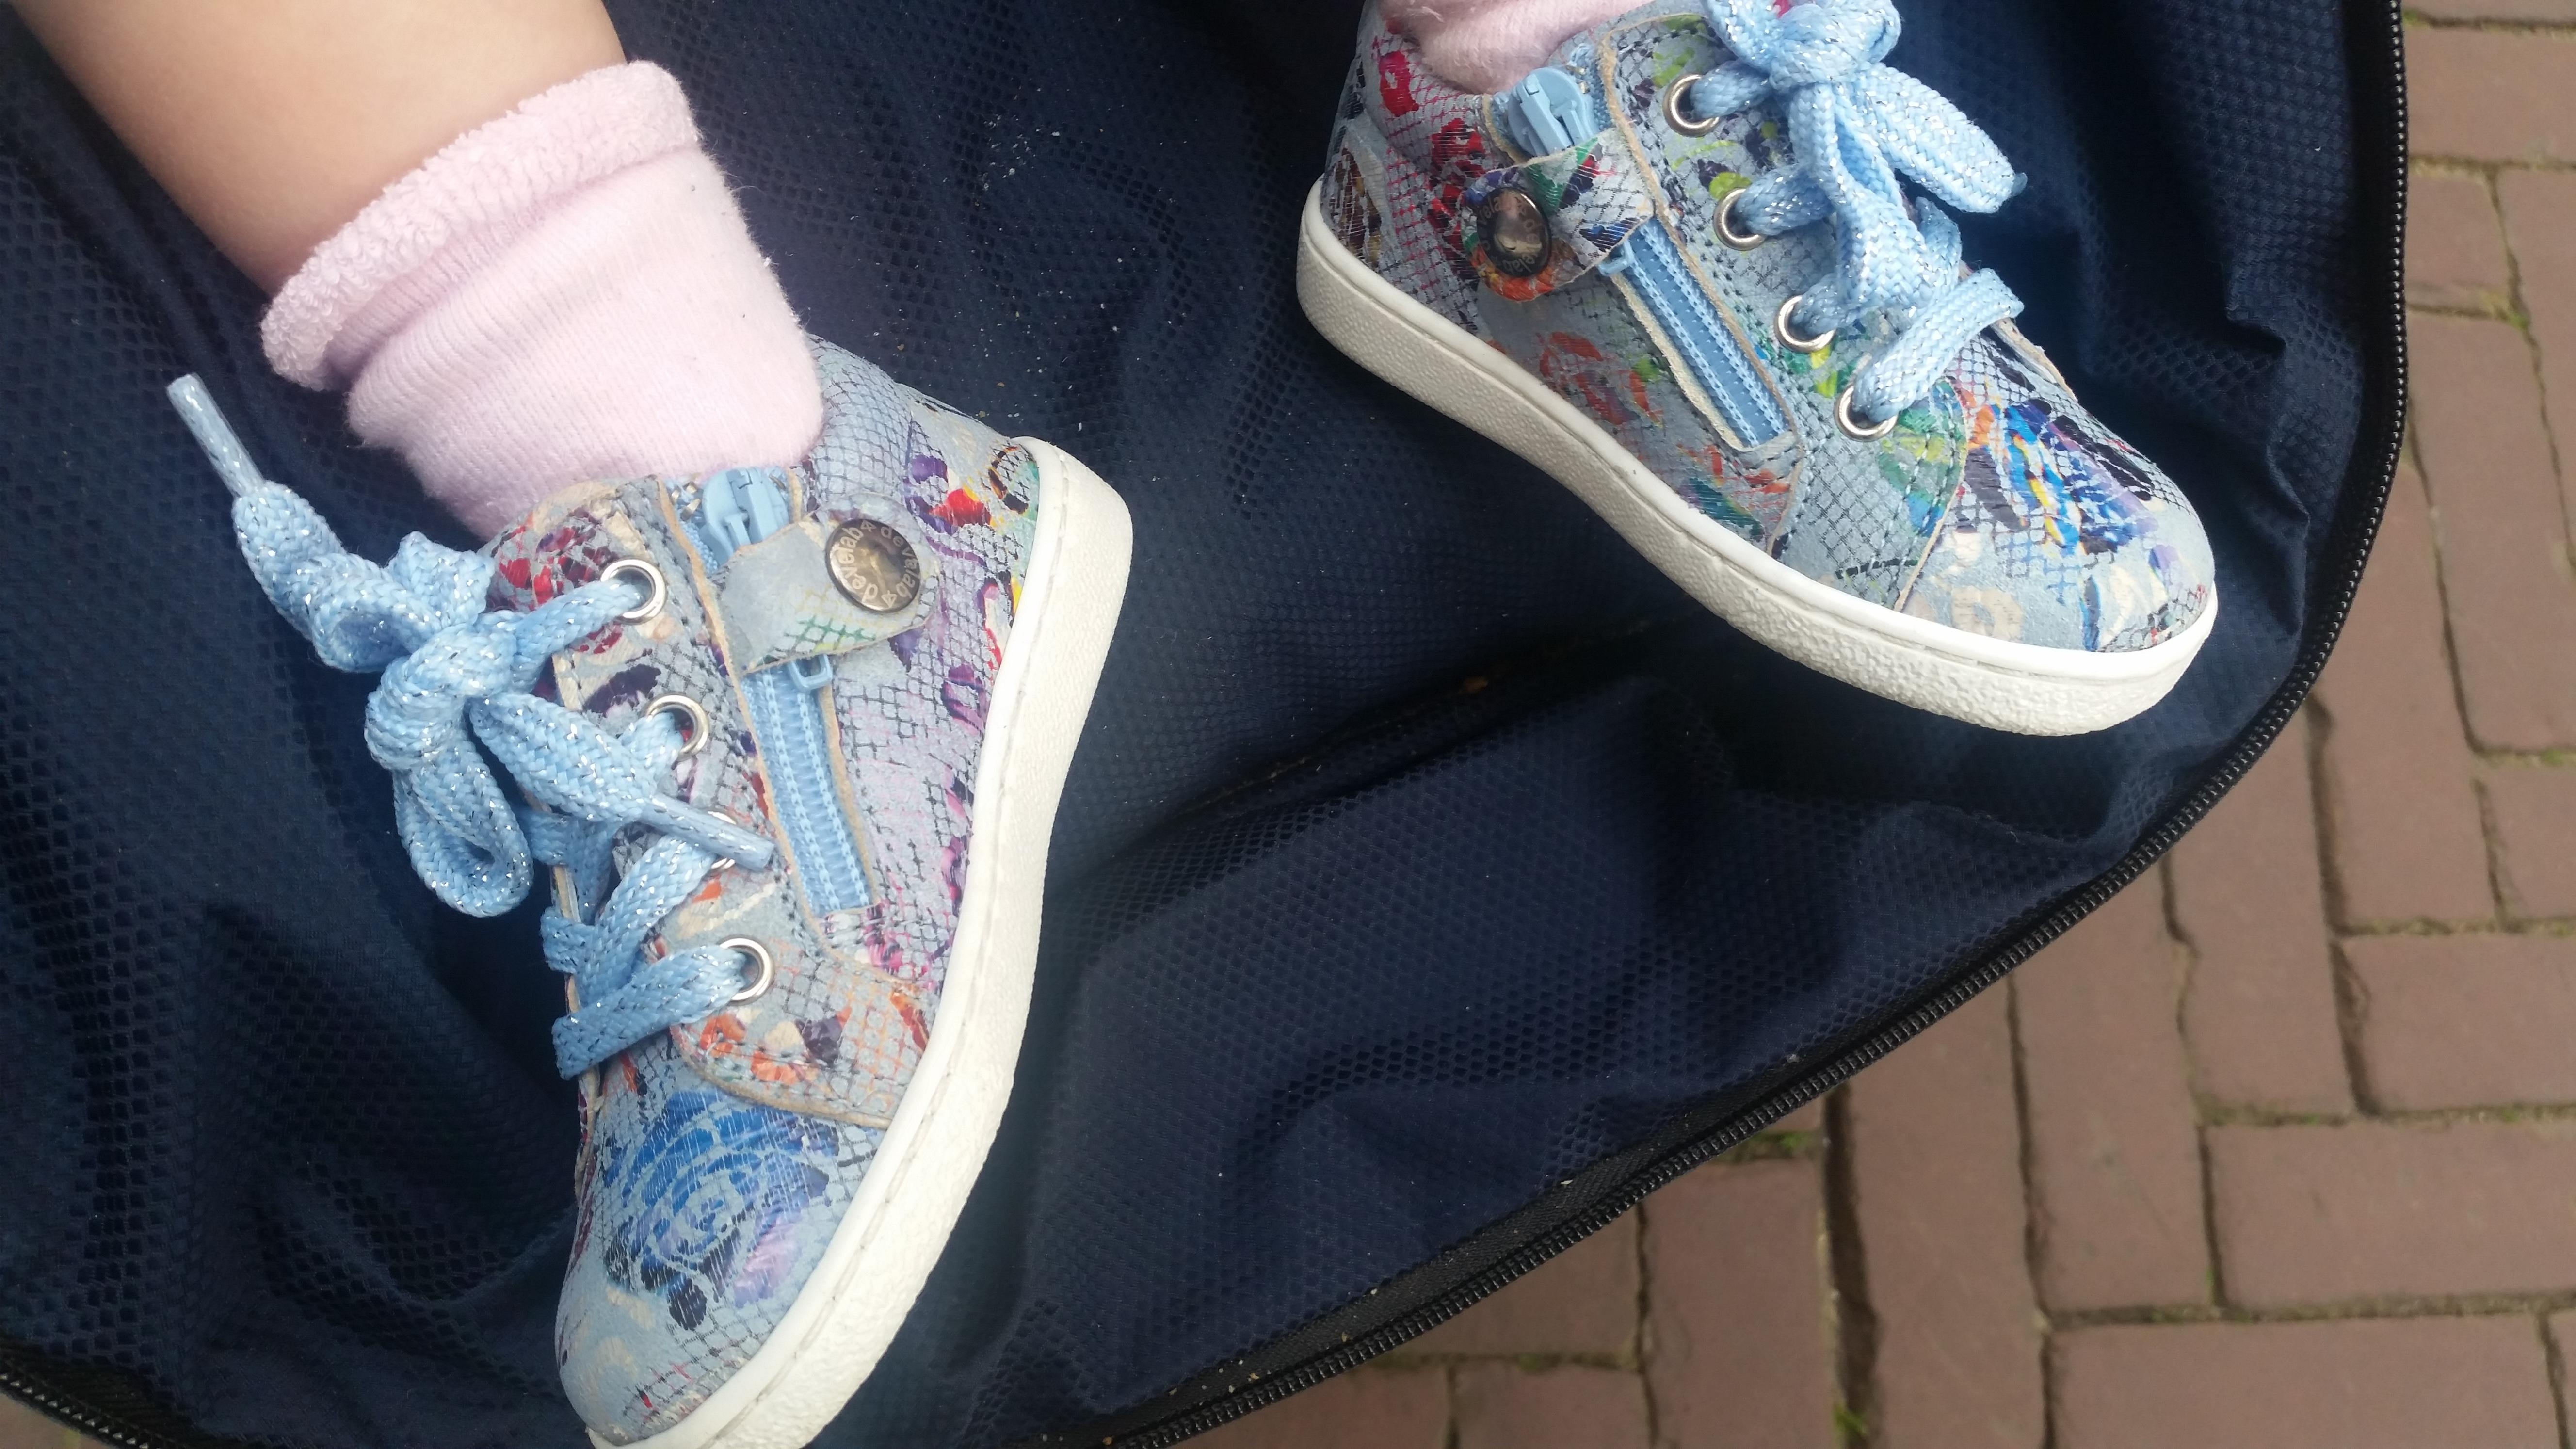 5-16-smalle-voeten-tips-devalab-shoesme-twins-schoenen-kinderen-baby-veters-rits-sluiting-eerste-schoentjes-tip-maat-leeftijd-platte-harde-zolen-wanneeraan